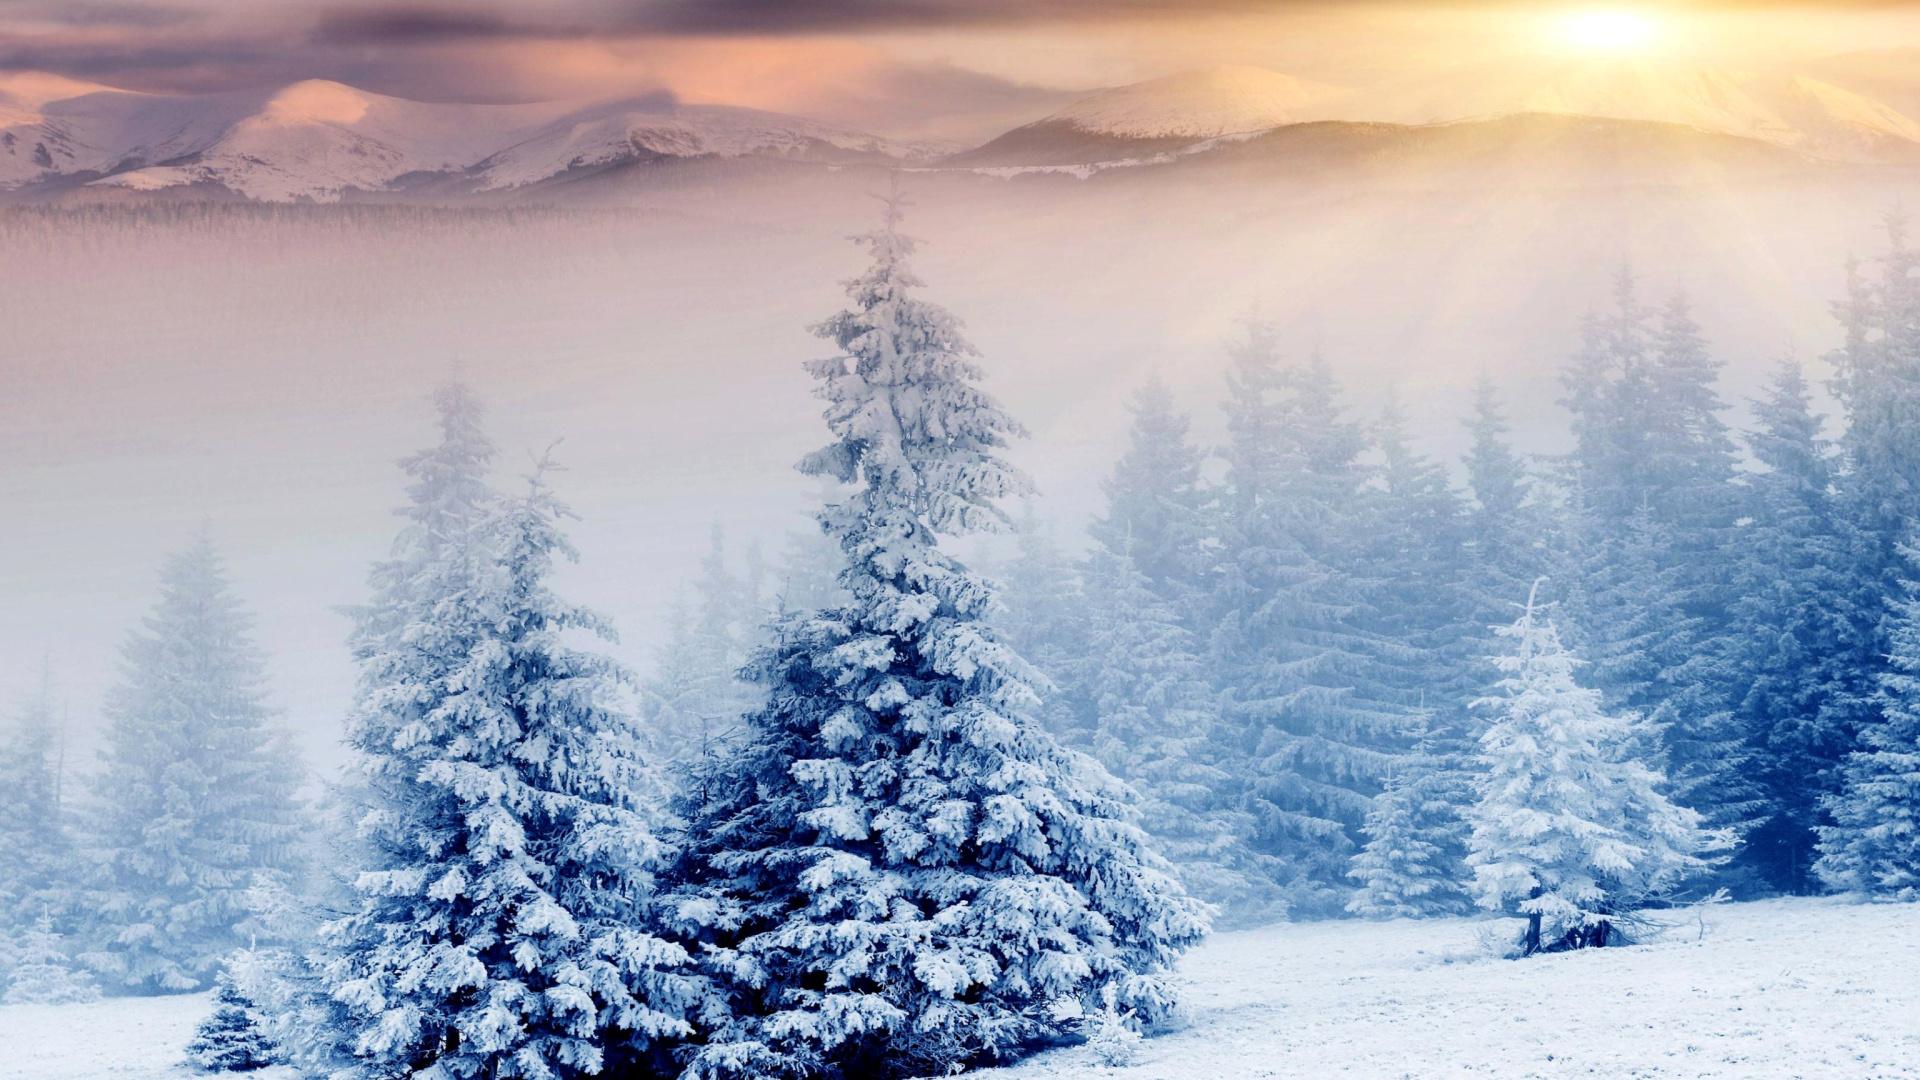 Winter nature in prisma editor sfondi gratuiti per desktop - Nature wallpaper editor ...